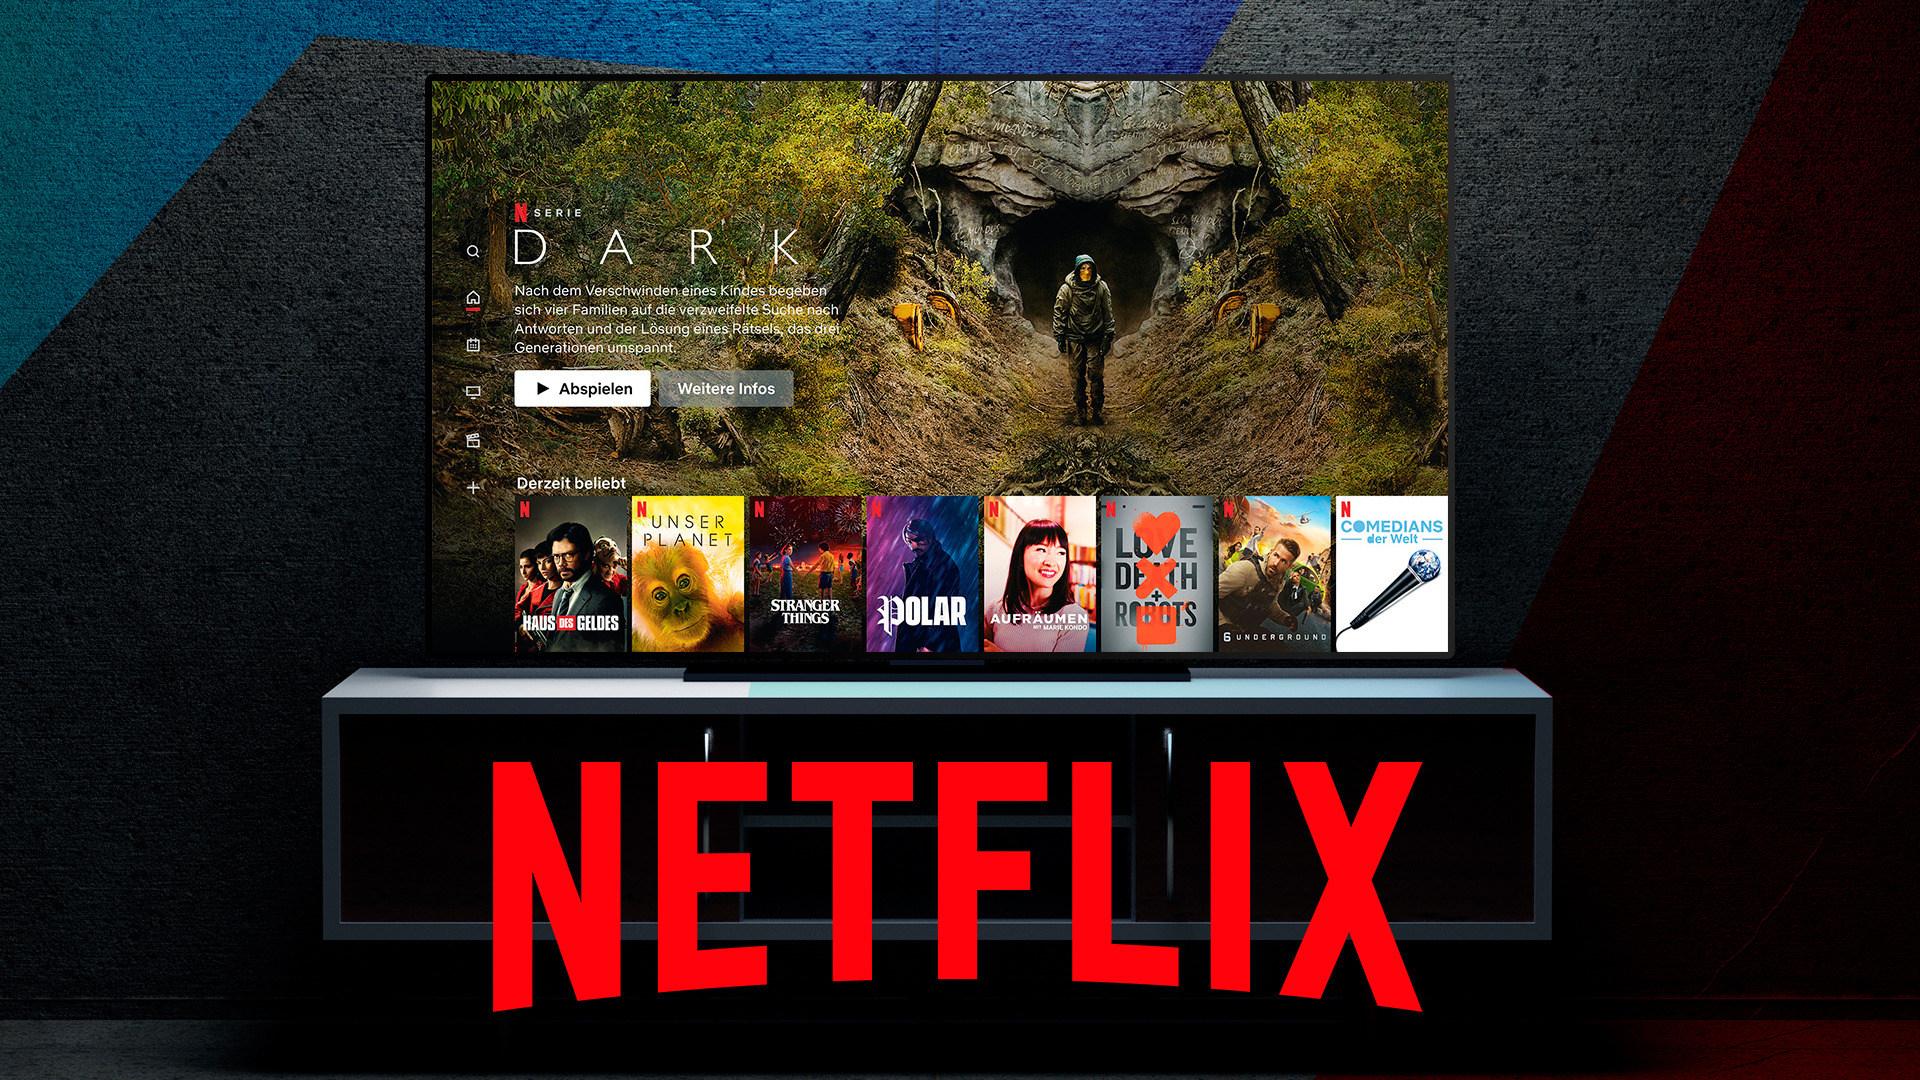 Streaming, Logo, Video, Tv, Fernsehen, Netflix, Stream, Videoplattform, Serie, Filme, Serien, Streamingportal, Videostreaming, Netflix Deutschland, Netflix Logo, Binge Watching, Netflix Originals